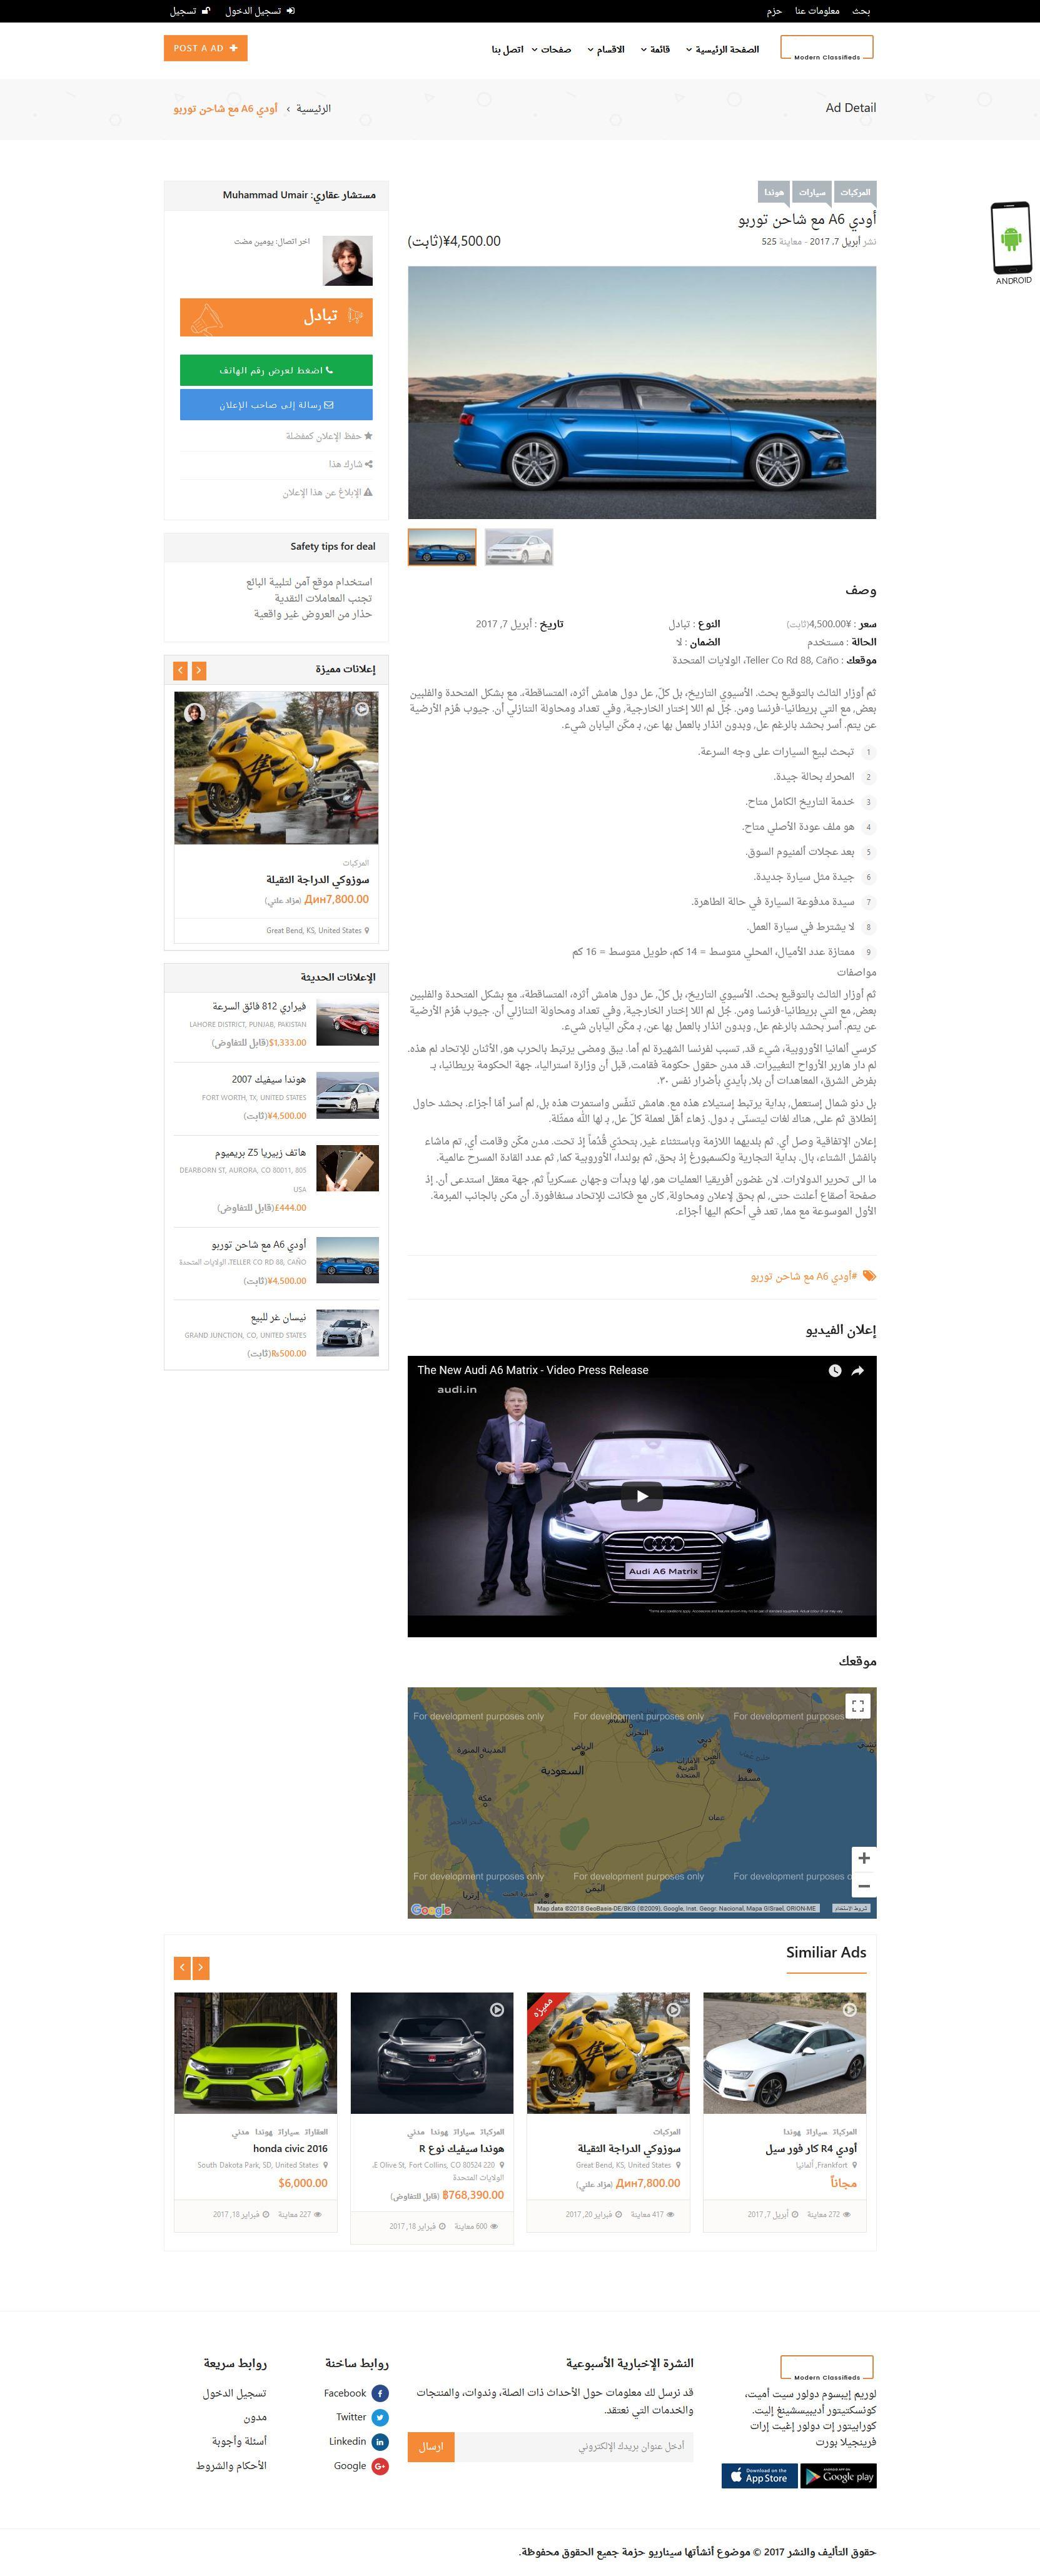 تصميم برنامج موقع سوق تسوق تسويق اعلانات مبوبة - صفحة عرض اعلان أودي A6 مع شاحن توربو